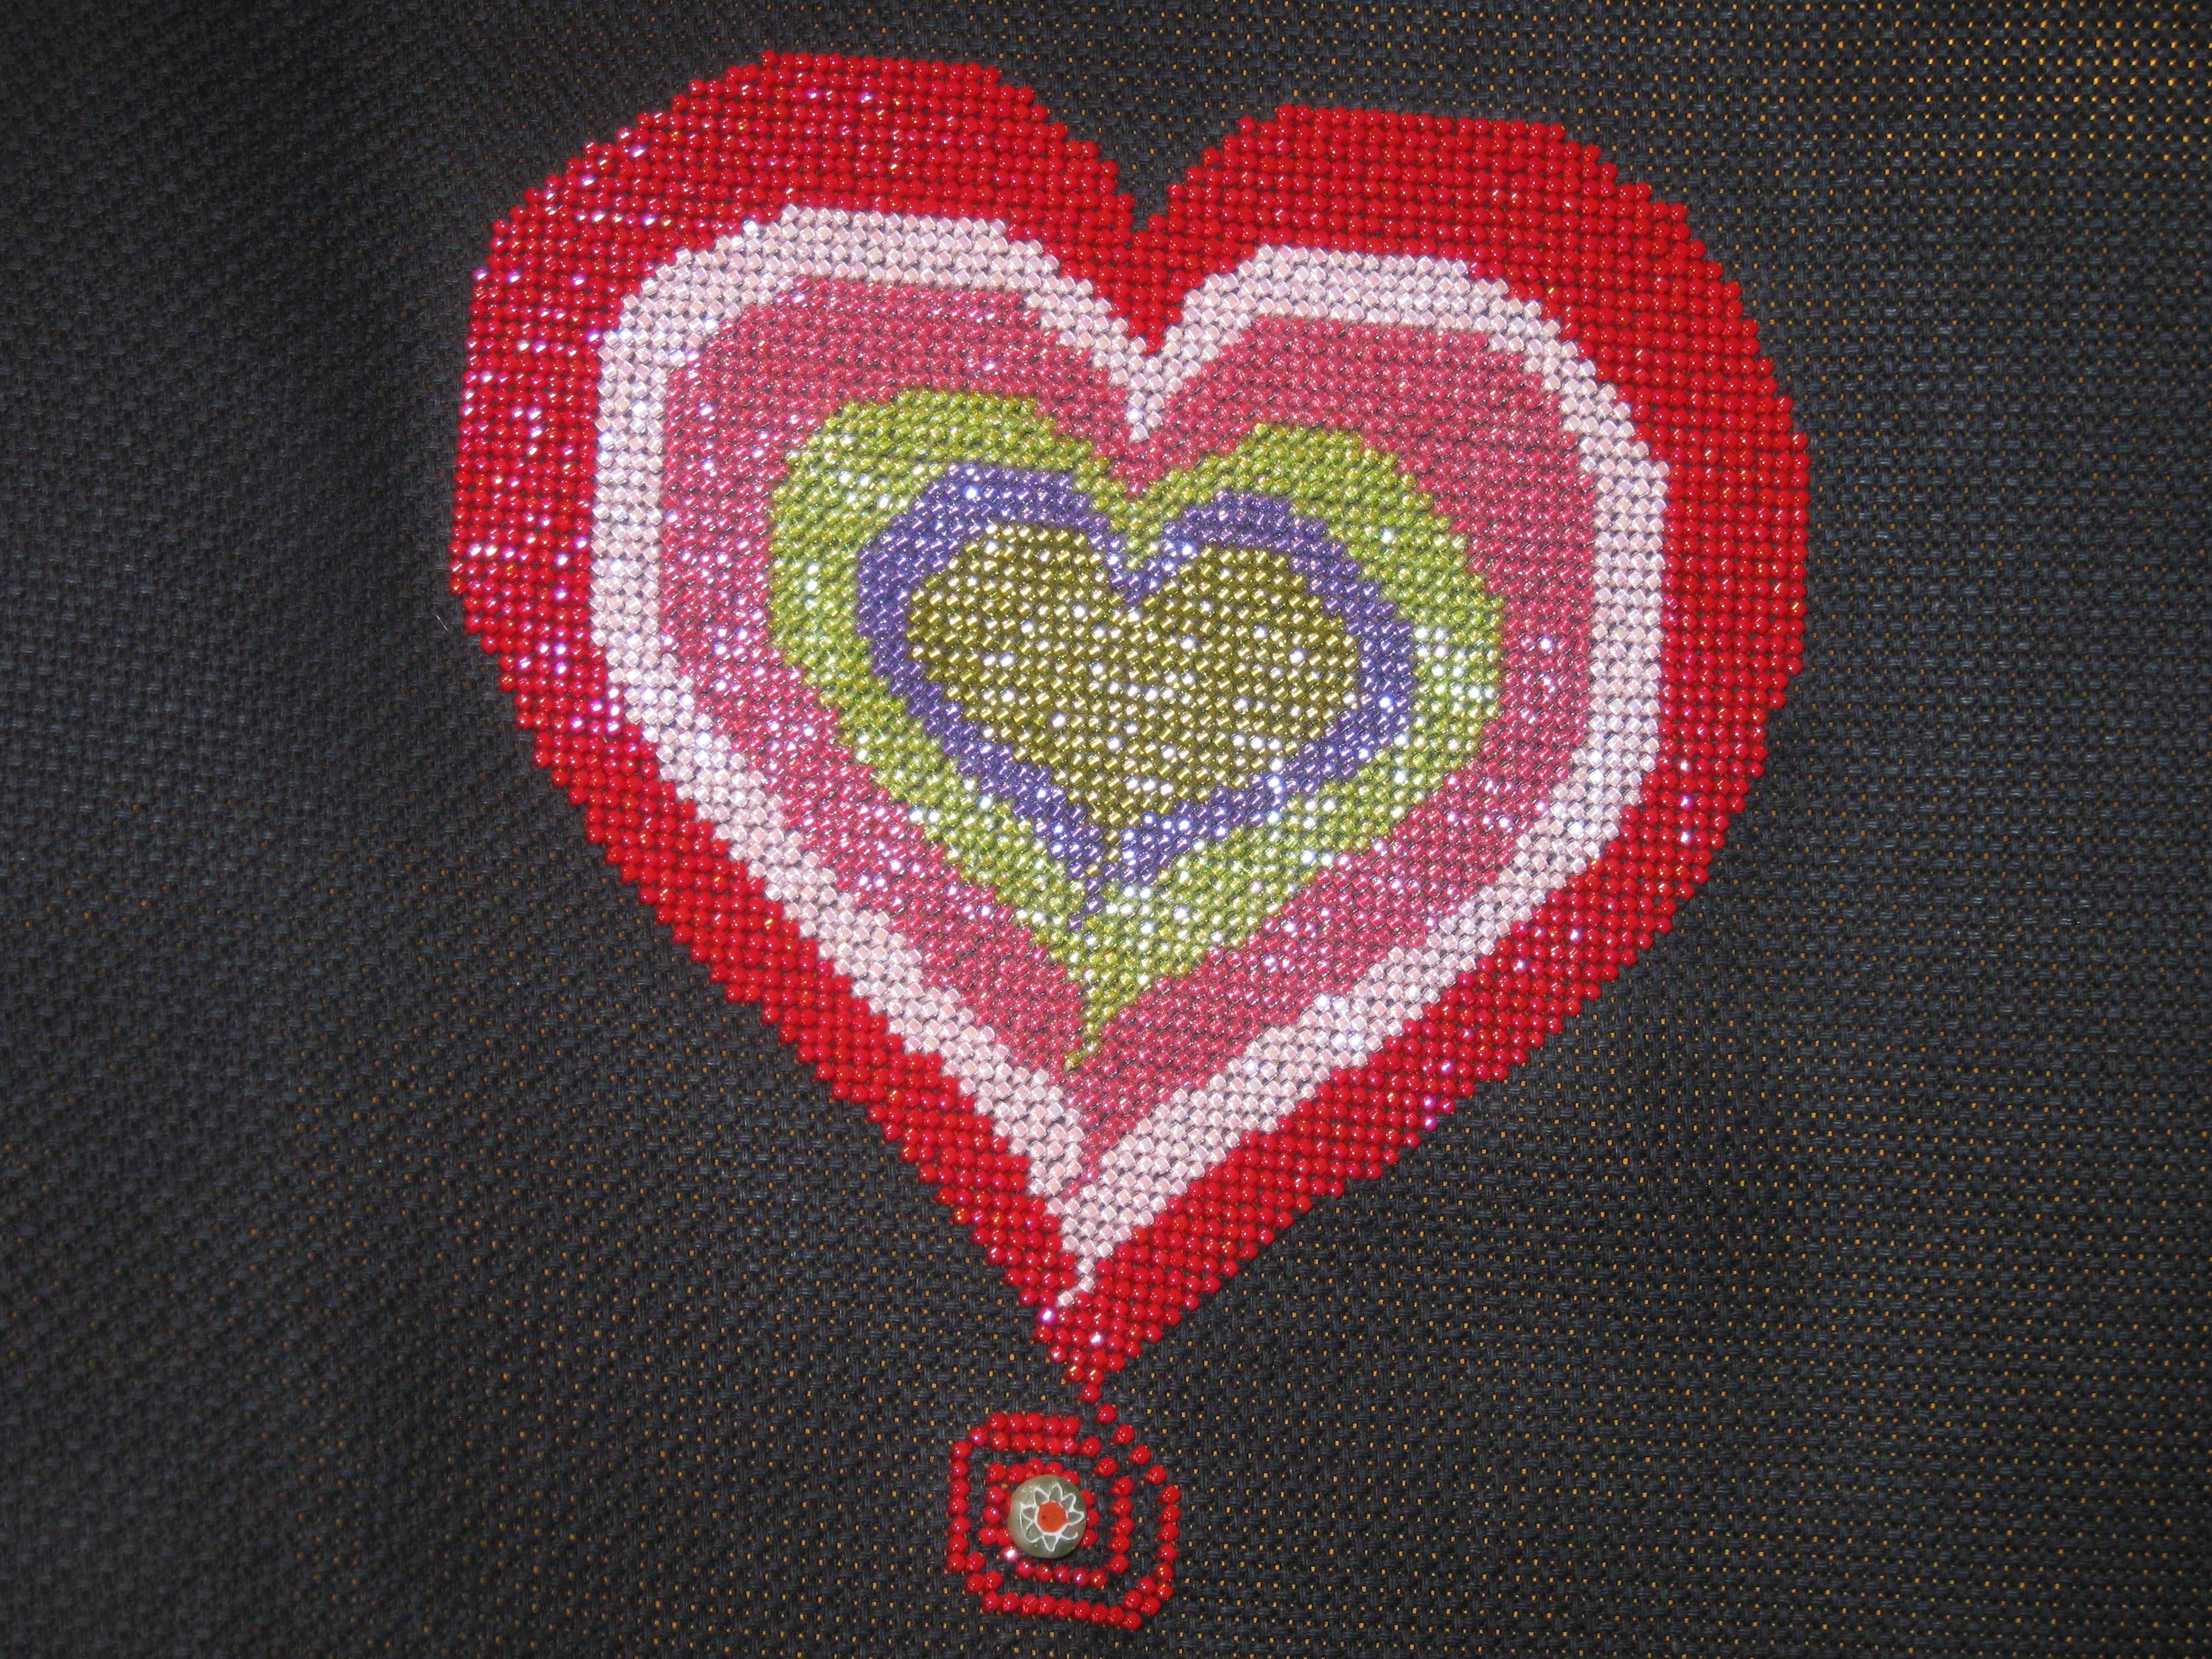 Heart of Beads-Designed by Debbie Monachella